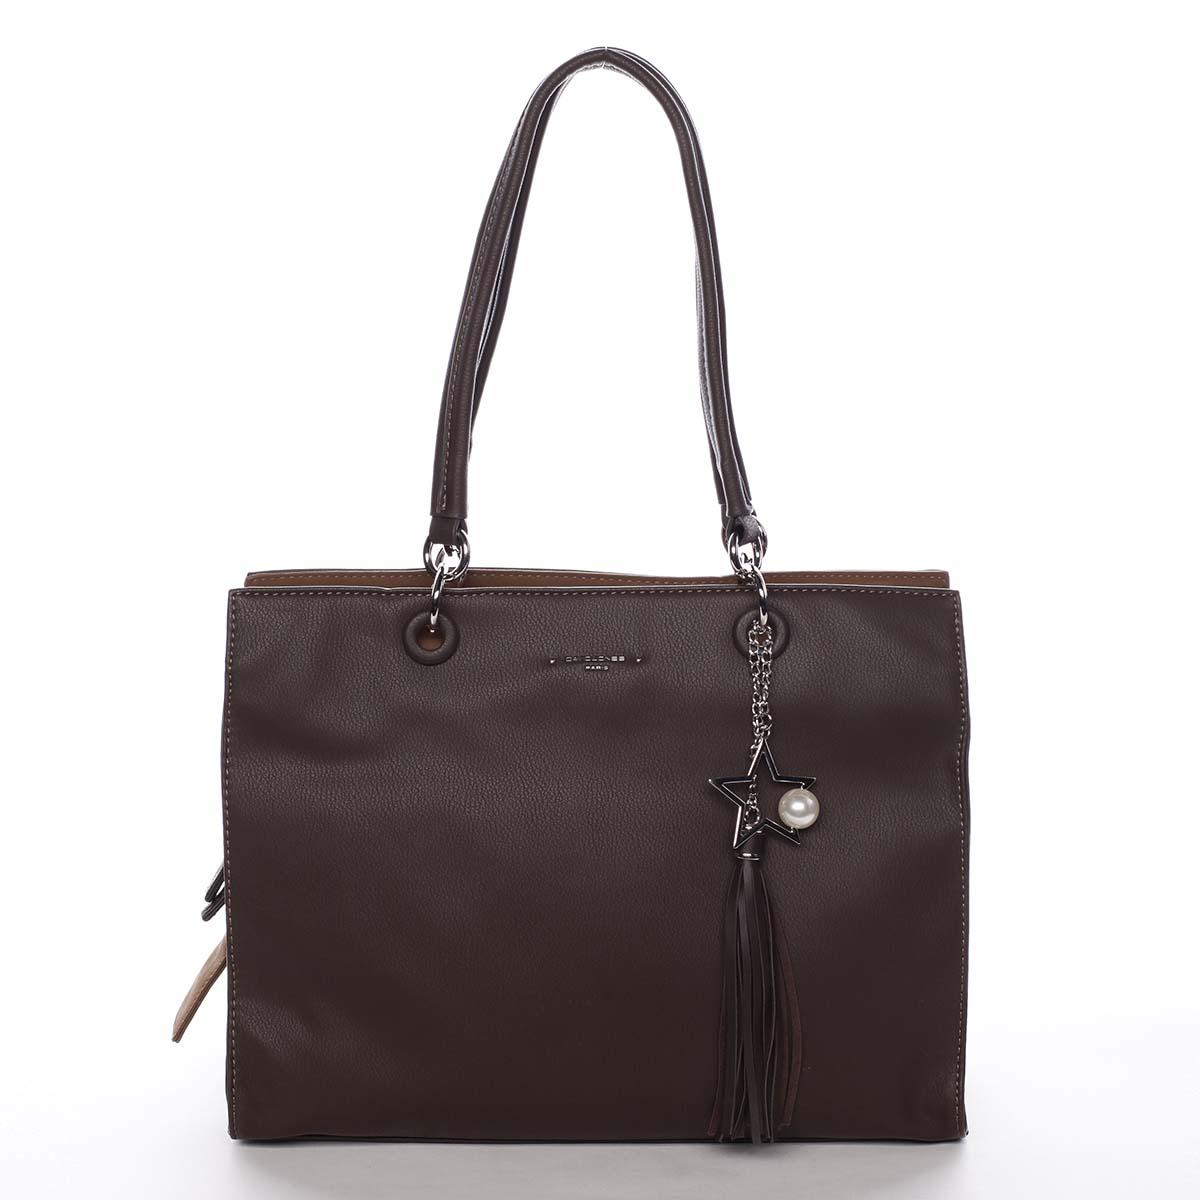 Dámská kabelka přes rameno tmavě hnědá - David Jones Annette